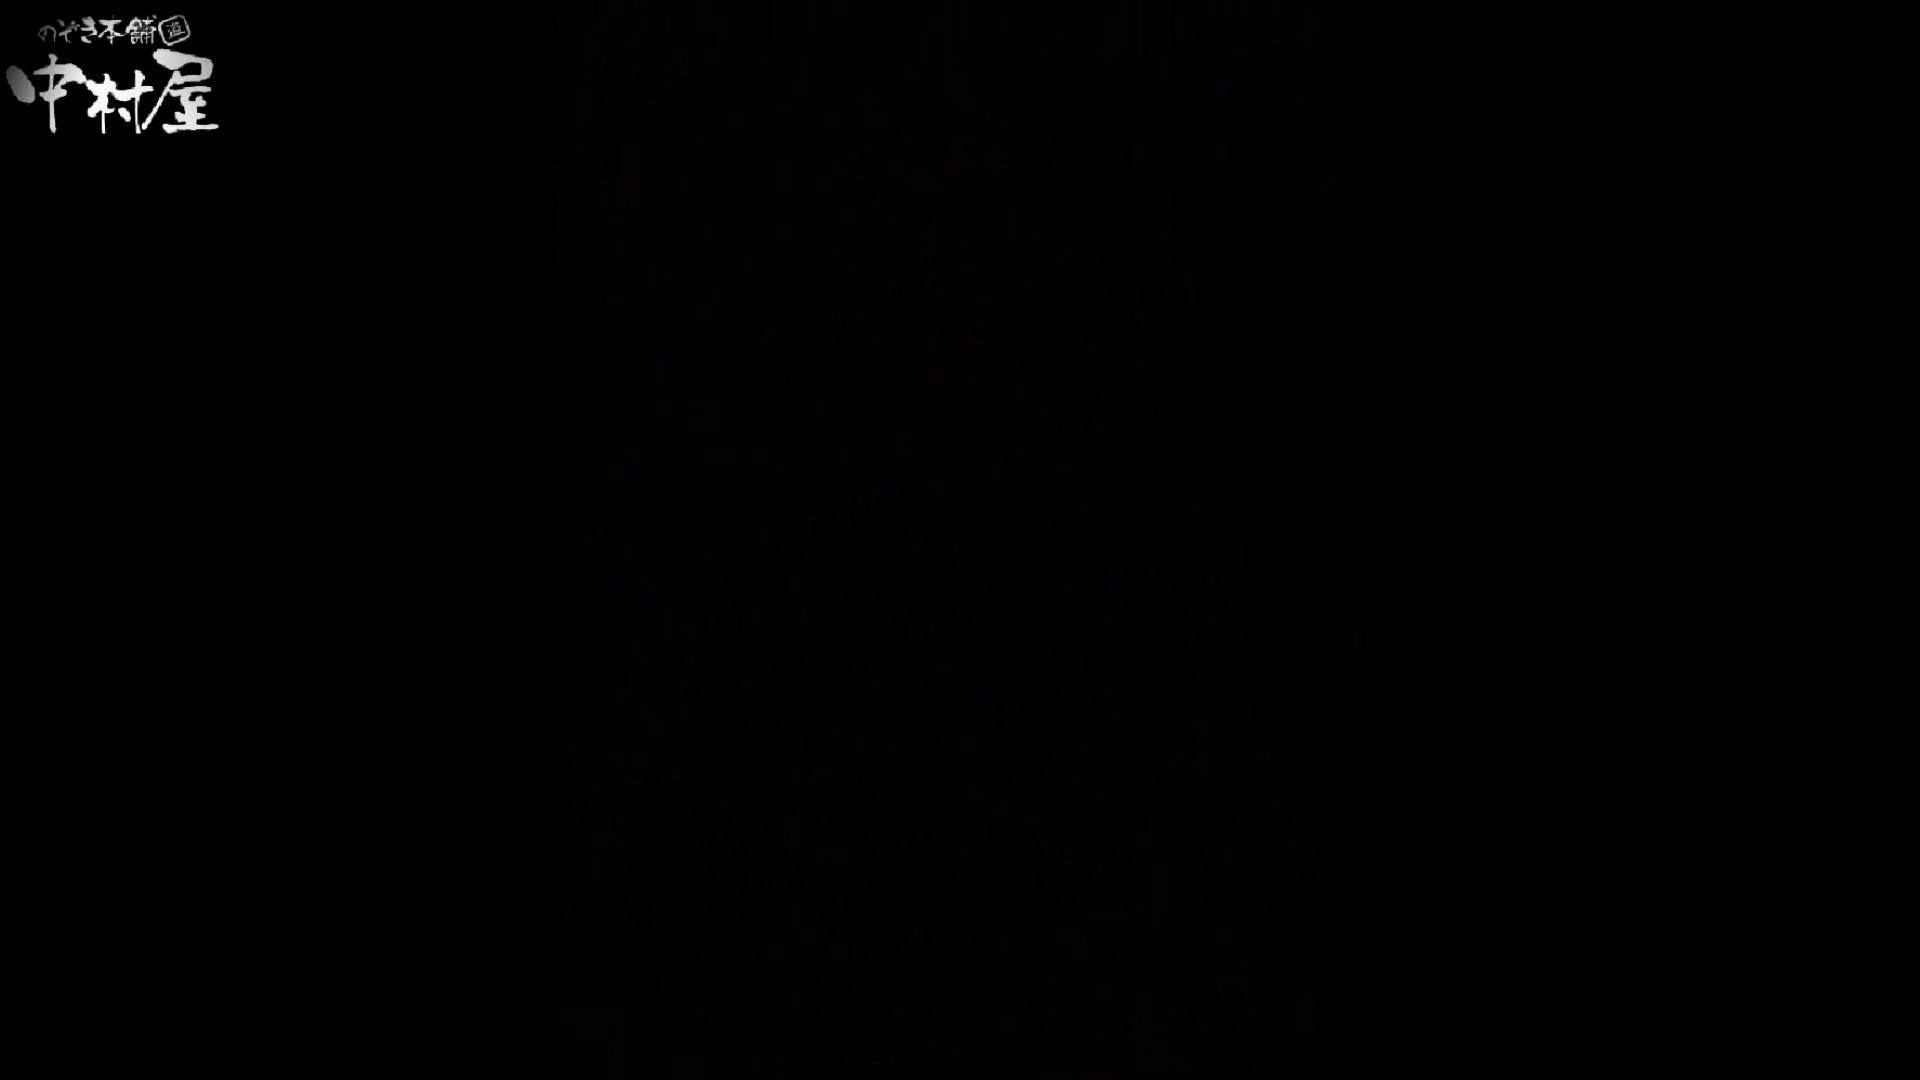 民家風呂専門盗撮師の超危険映像 vol.012 美女のカラダ おめこ無修正画像 10pic 3